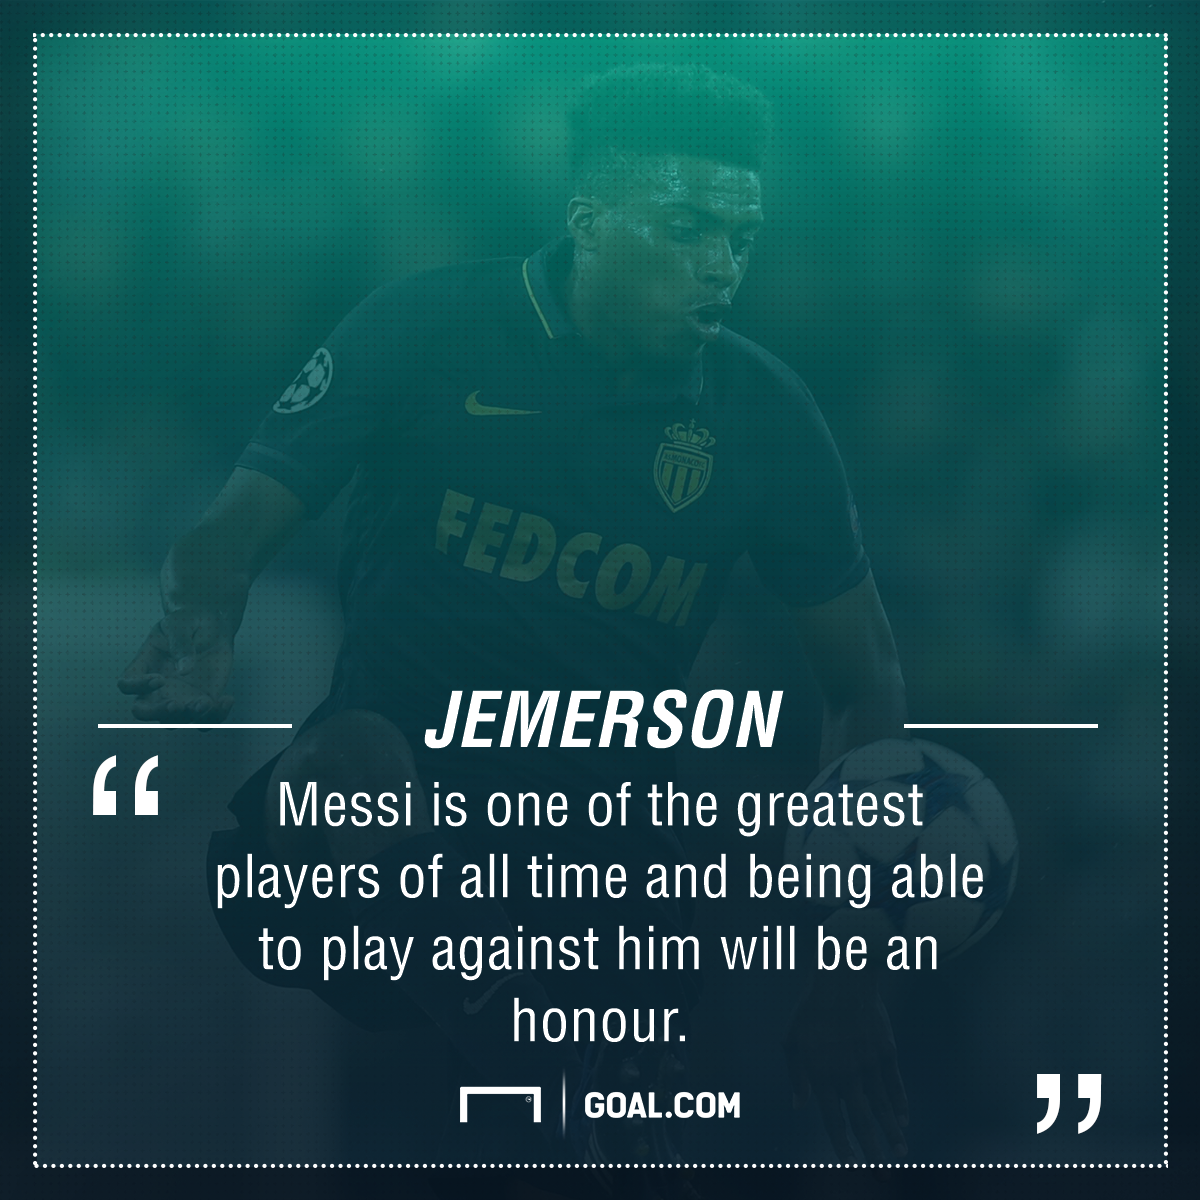 Jemerson Lionel Messi